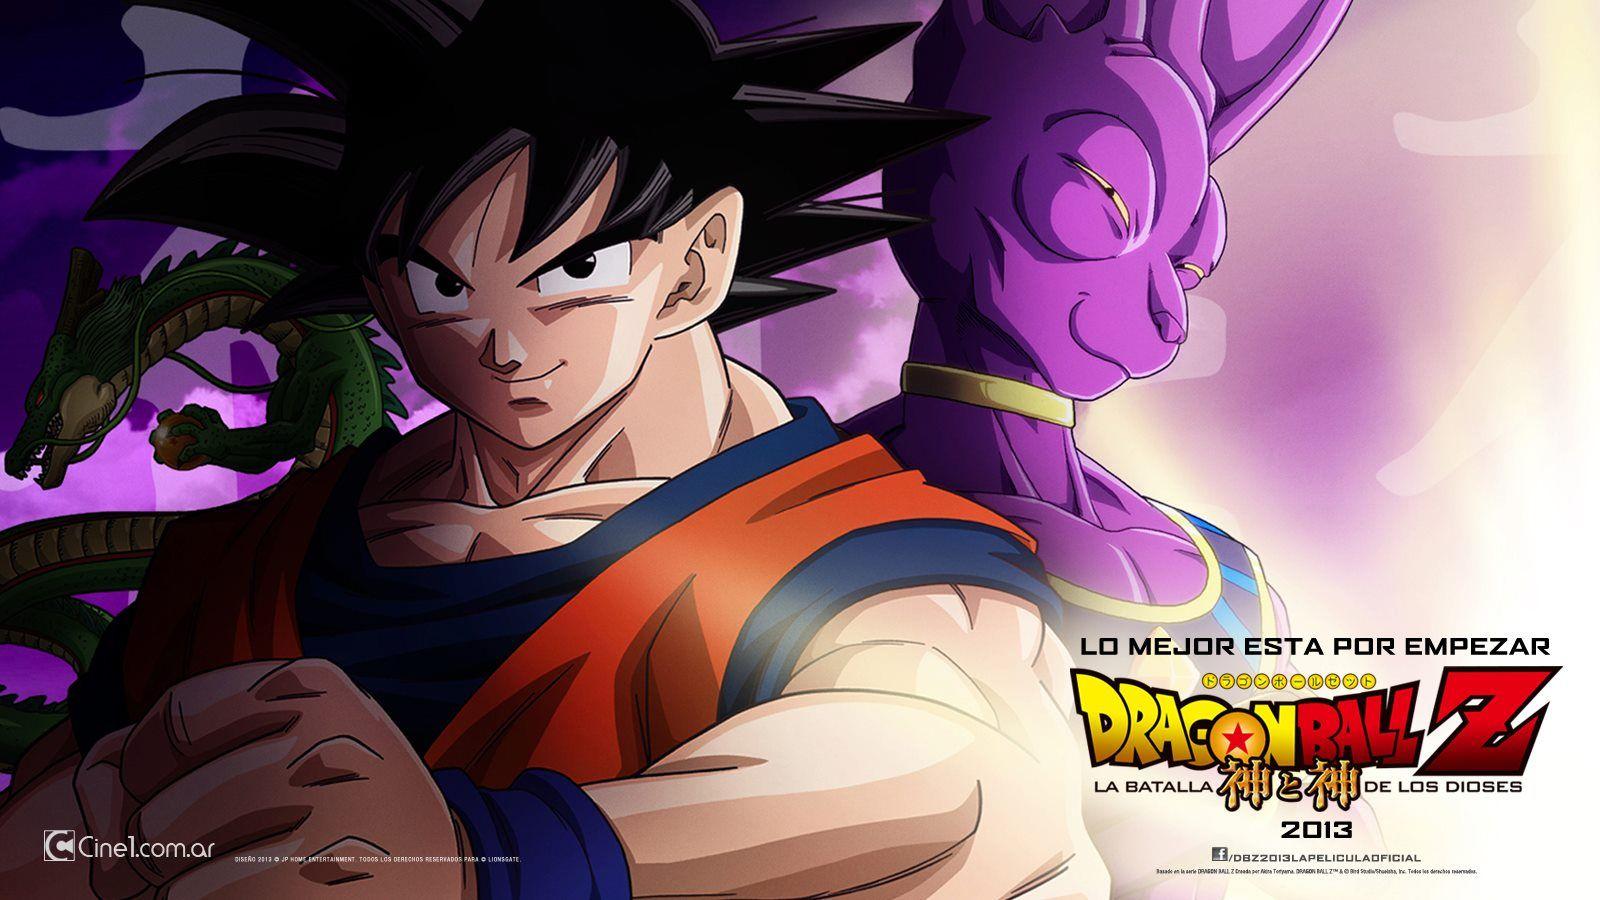 Goku la batalla de los dioses online dating